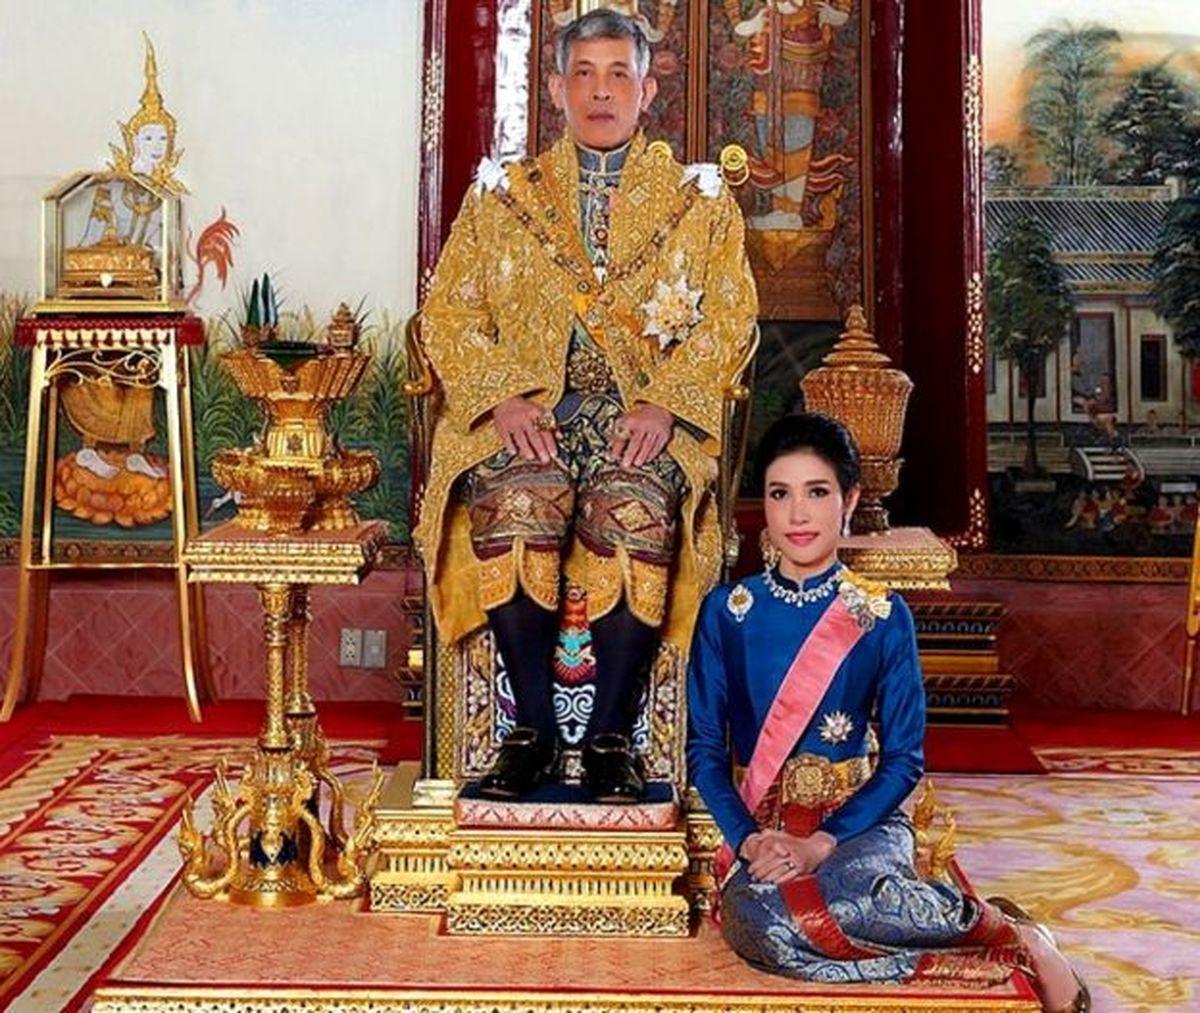 جنجال جدید پادشاه پرحاشیه تایلند +تصاویر